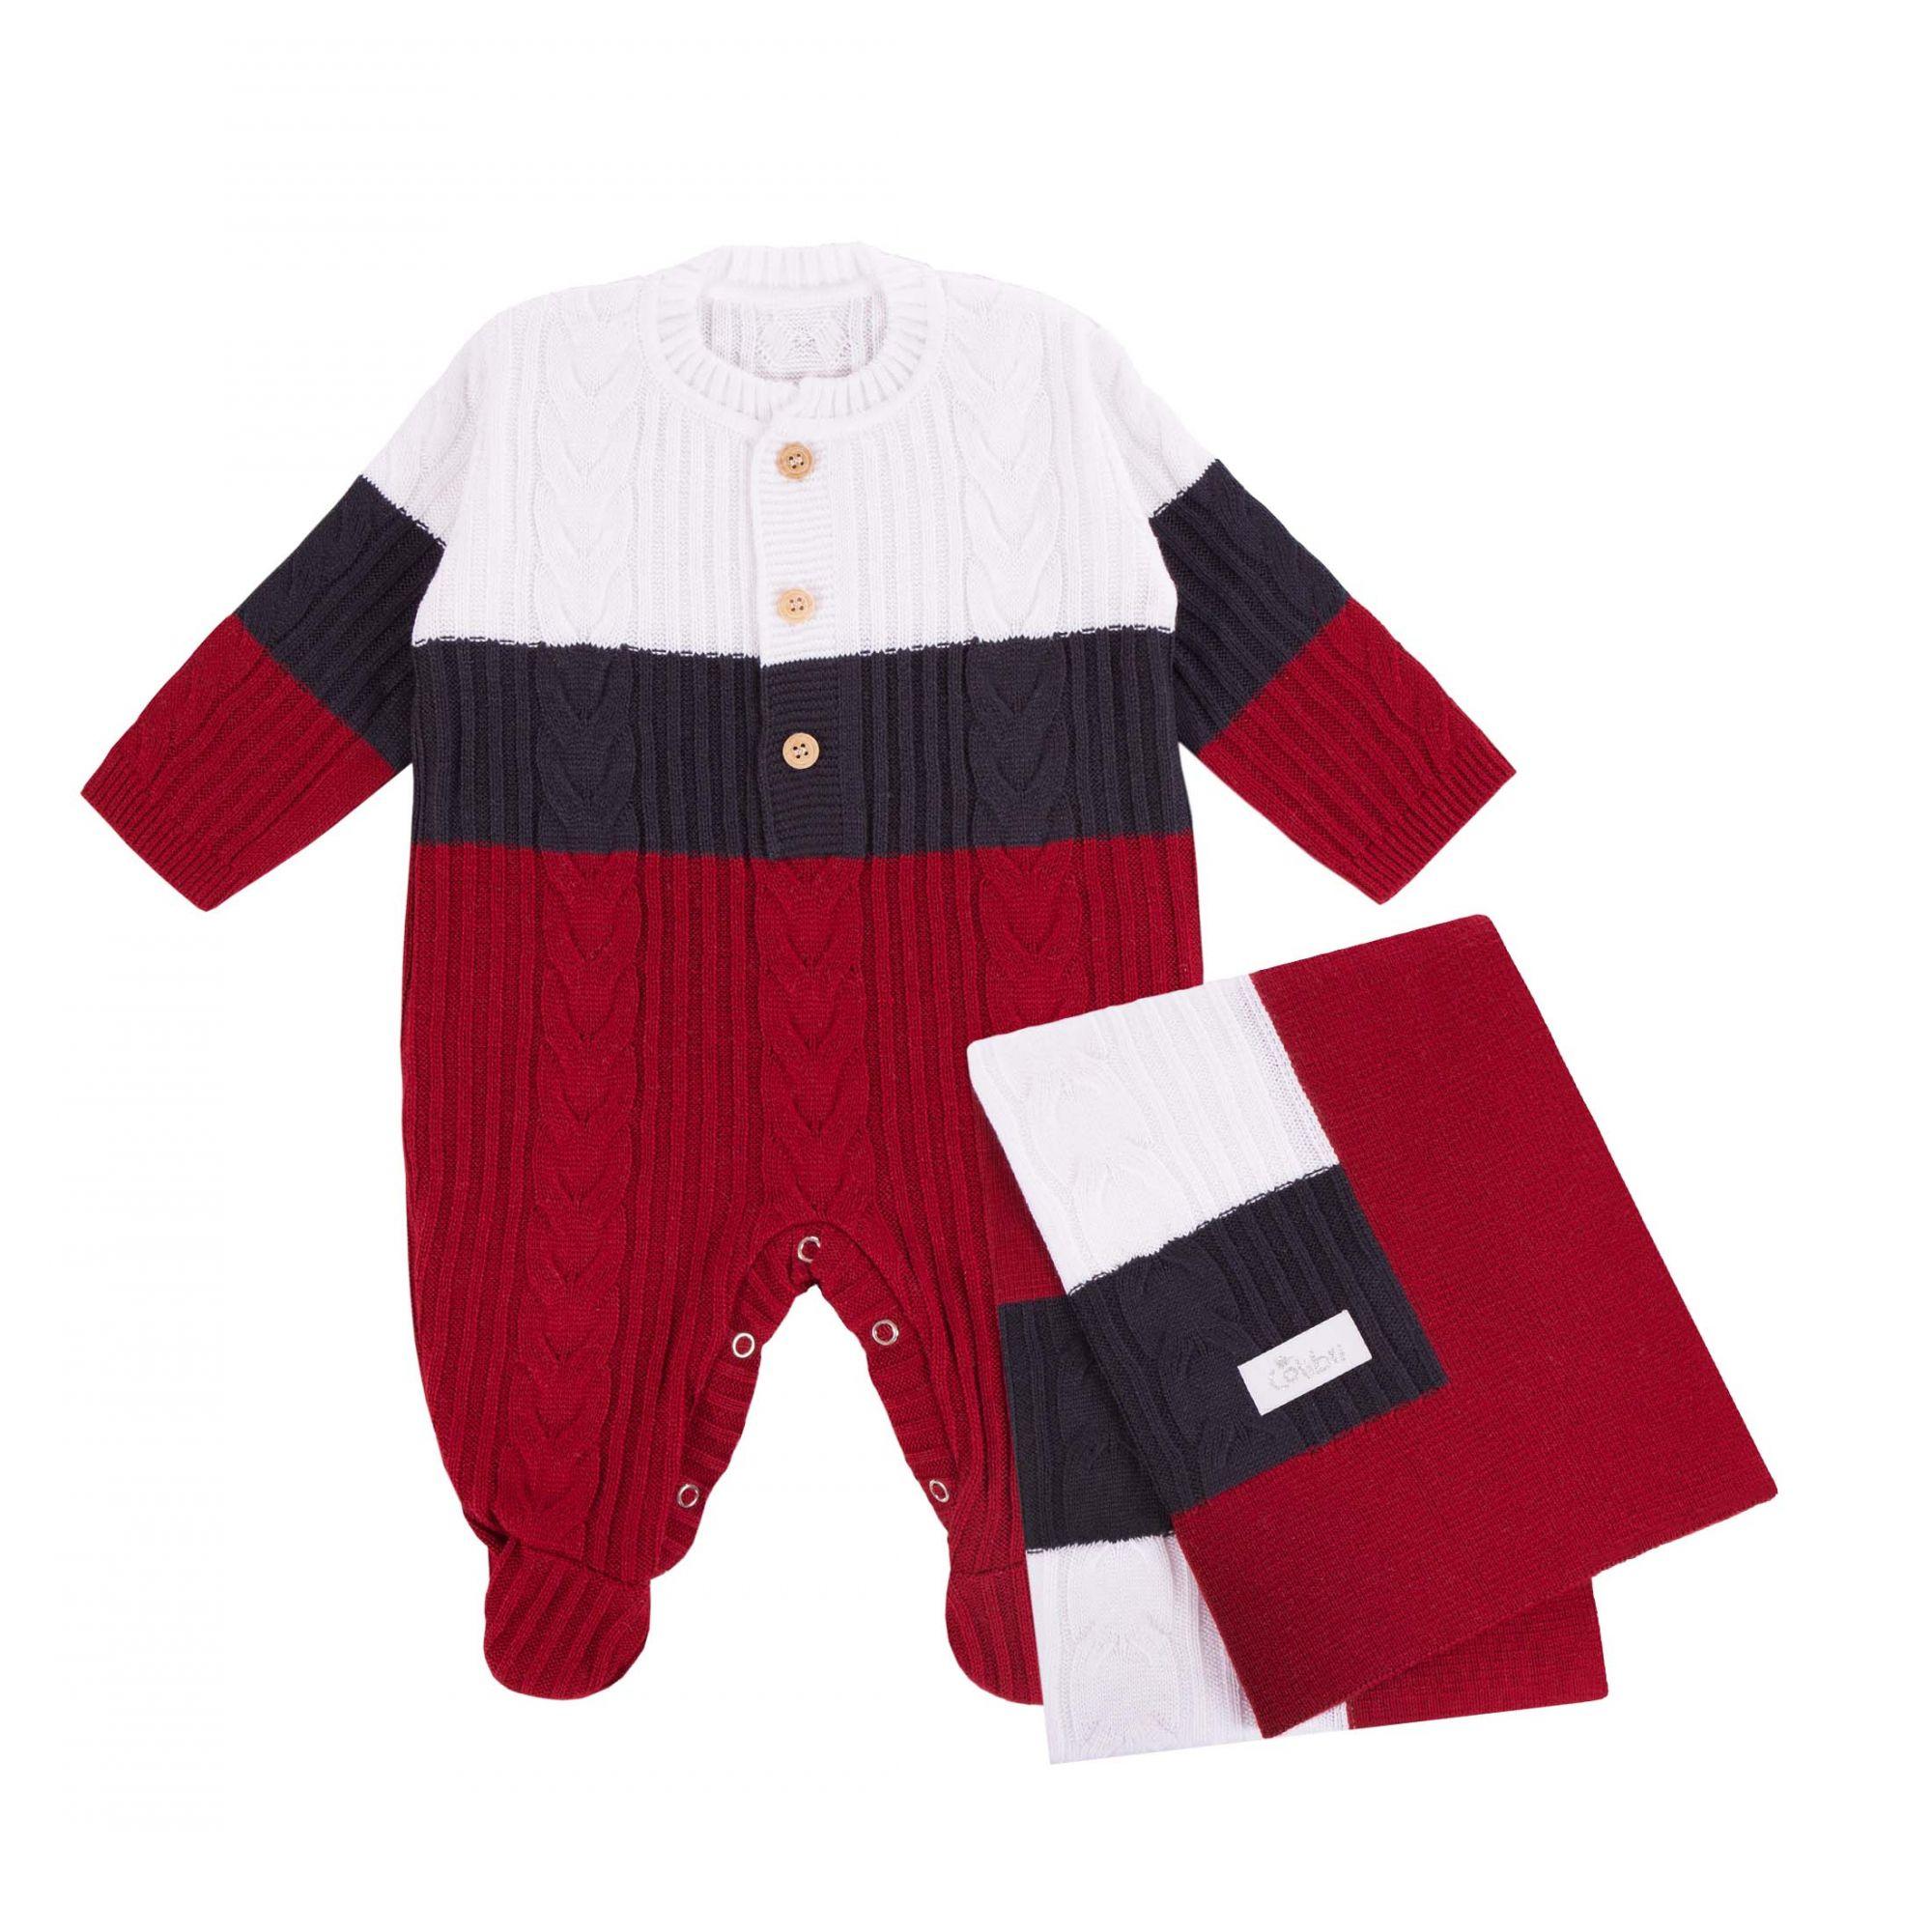 Saída Maternidade Macacão Tricolor Tranças 2 Peças